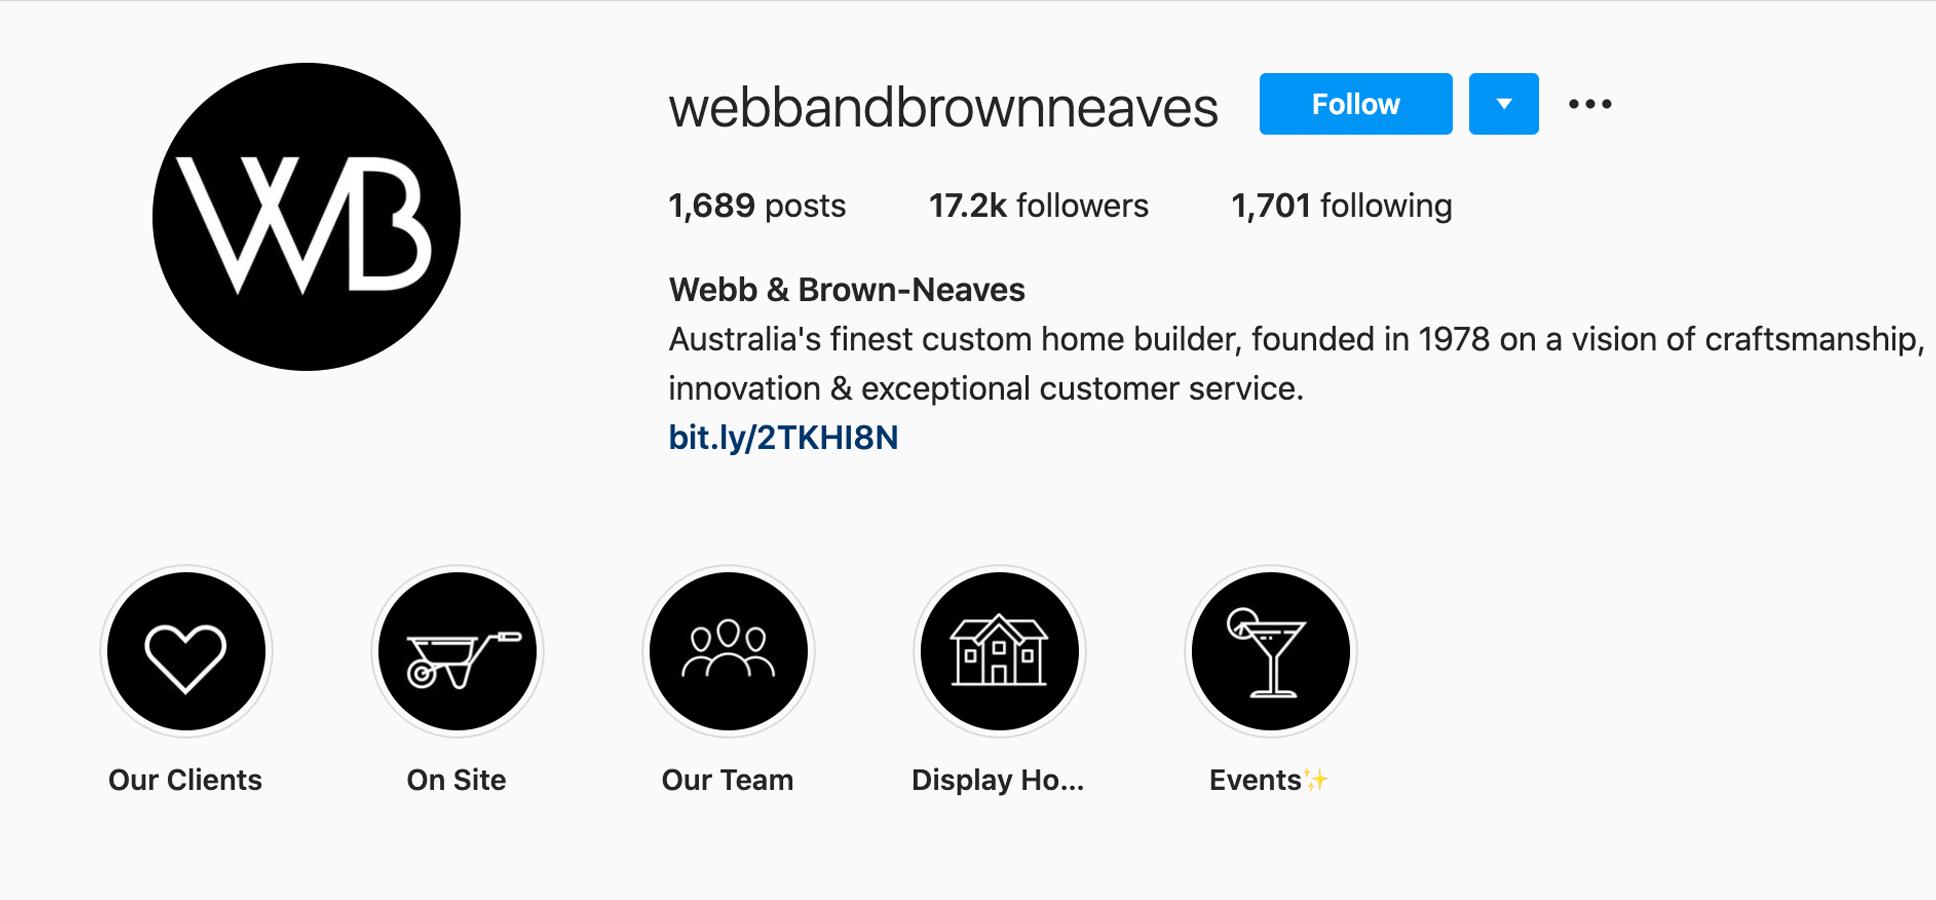 webbandbrownneaves-instagram-profile